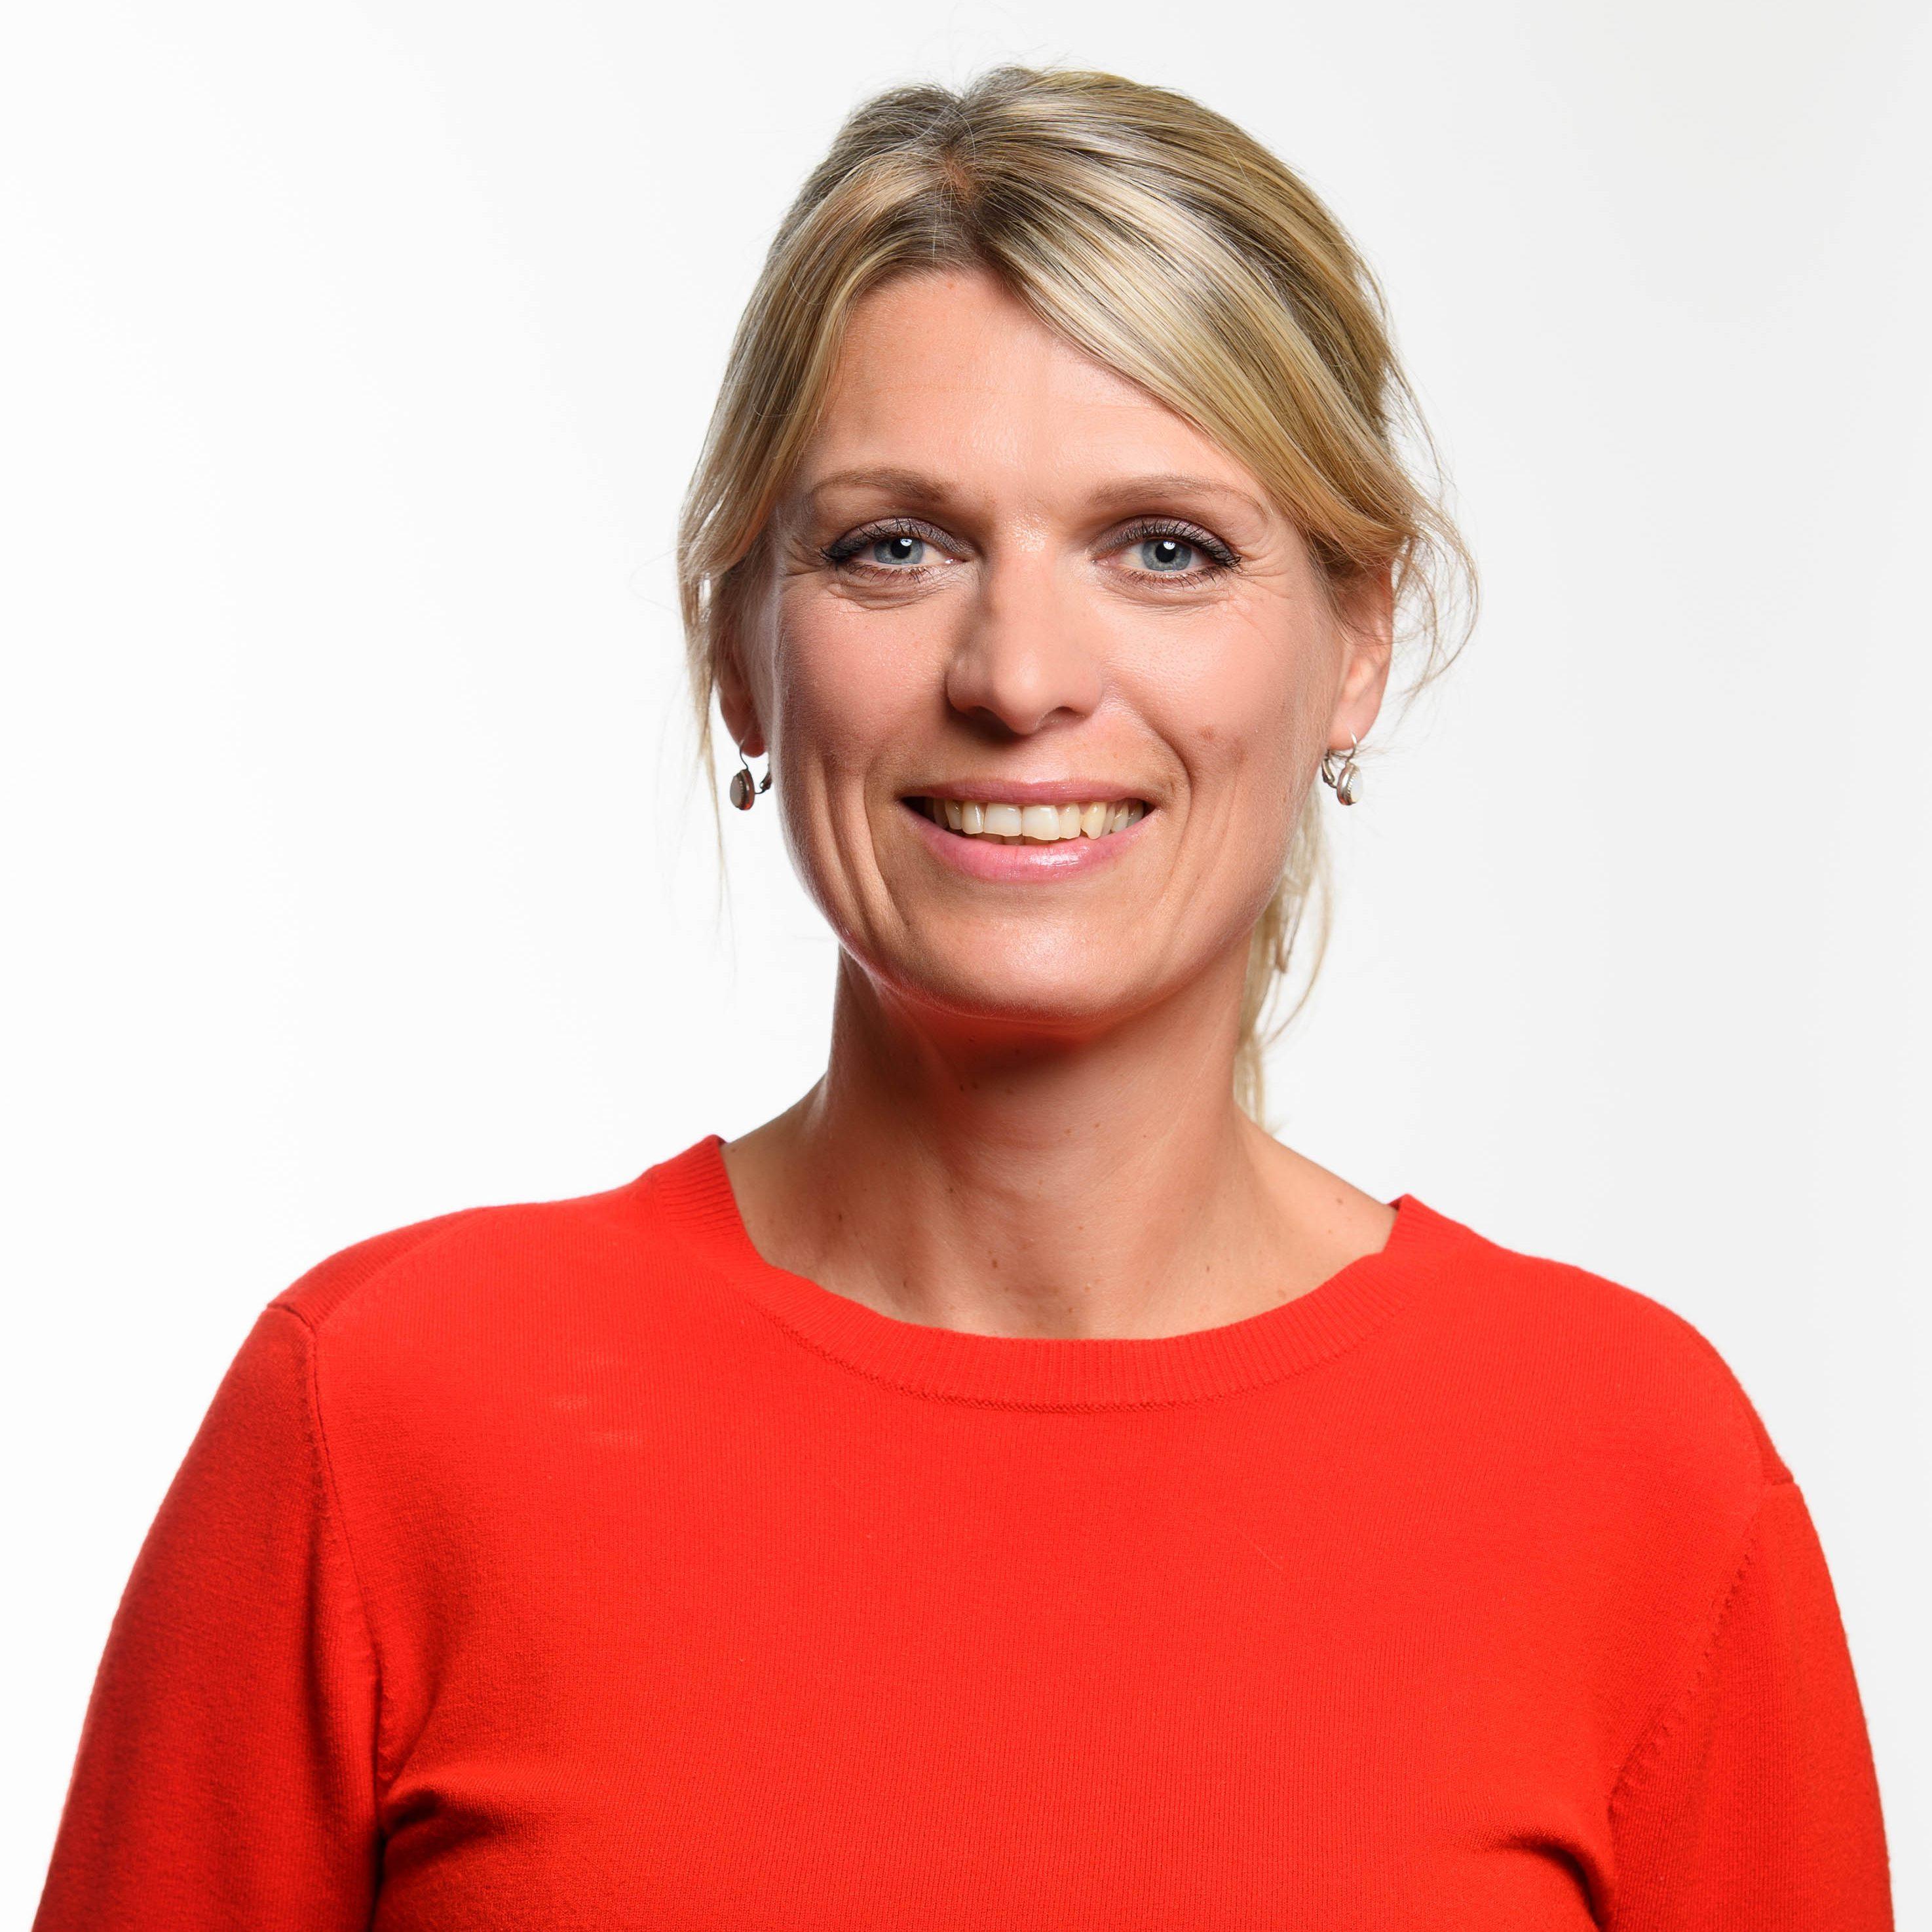 Maureen van Klooster